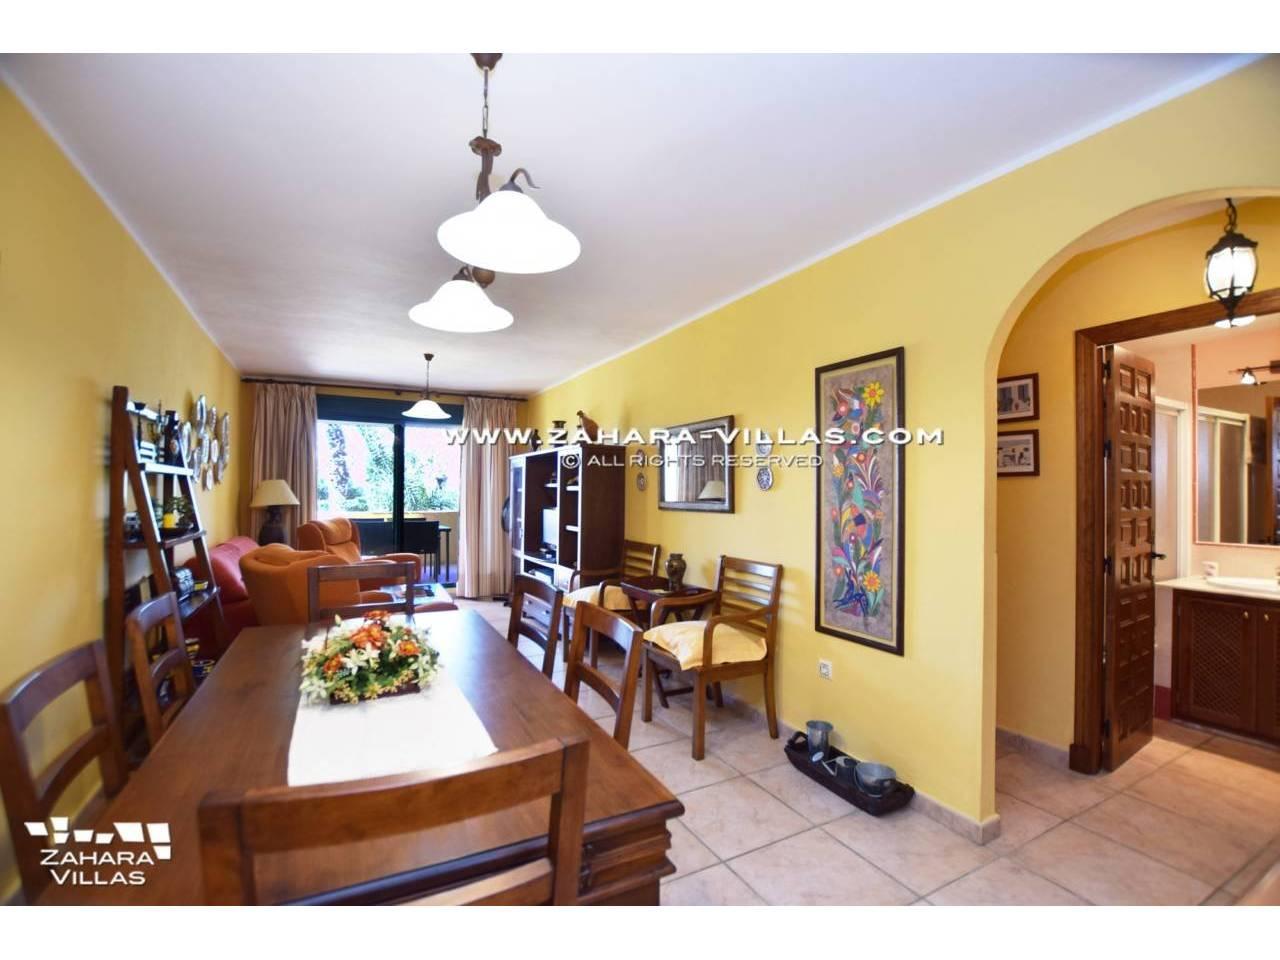 Imagen 4 de Apartamento en venta en urbanización Jardines de Zahara